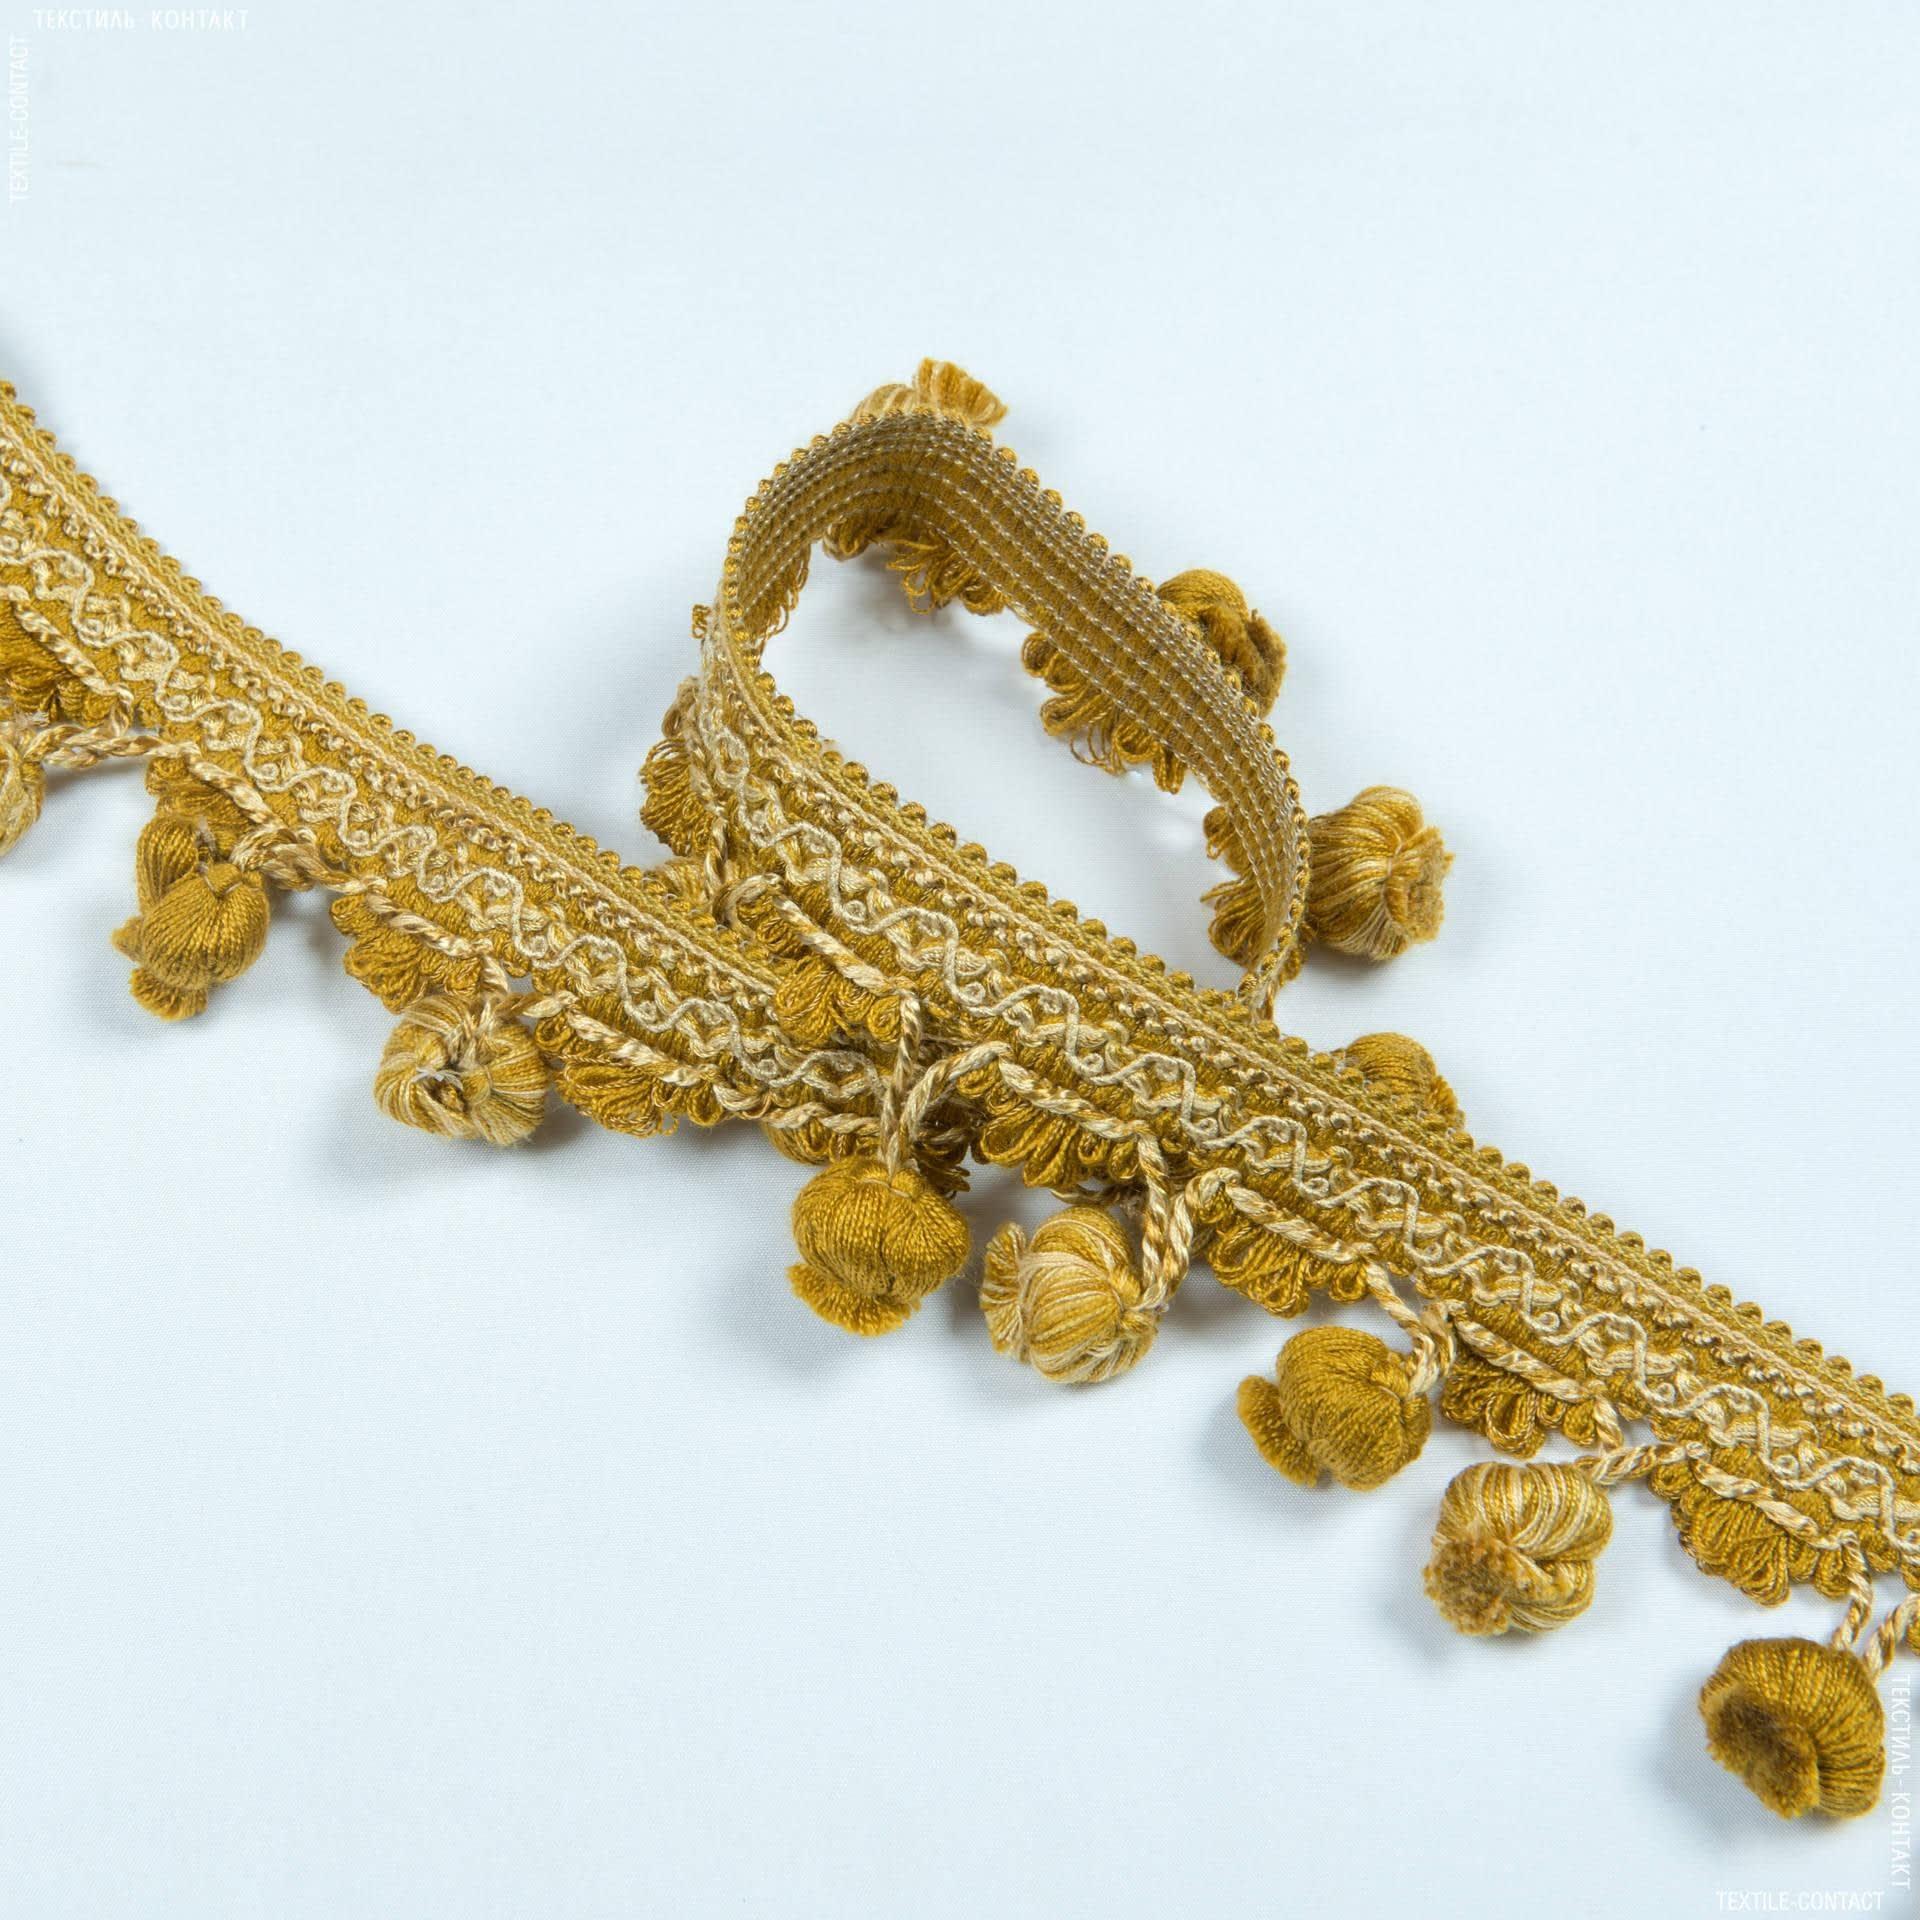 Тканини фурнітура для декора - Бахрома базель китиця золото